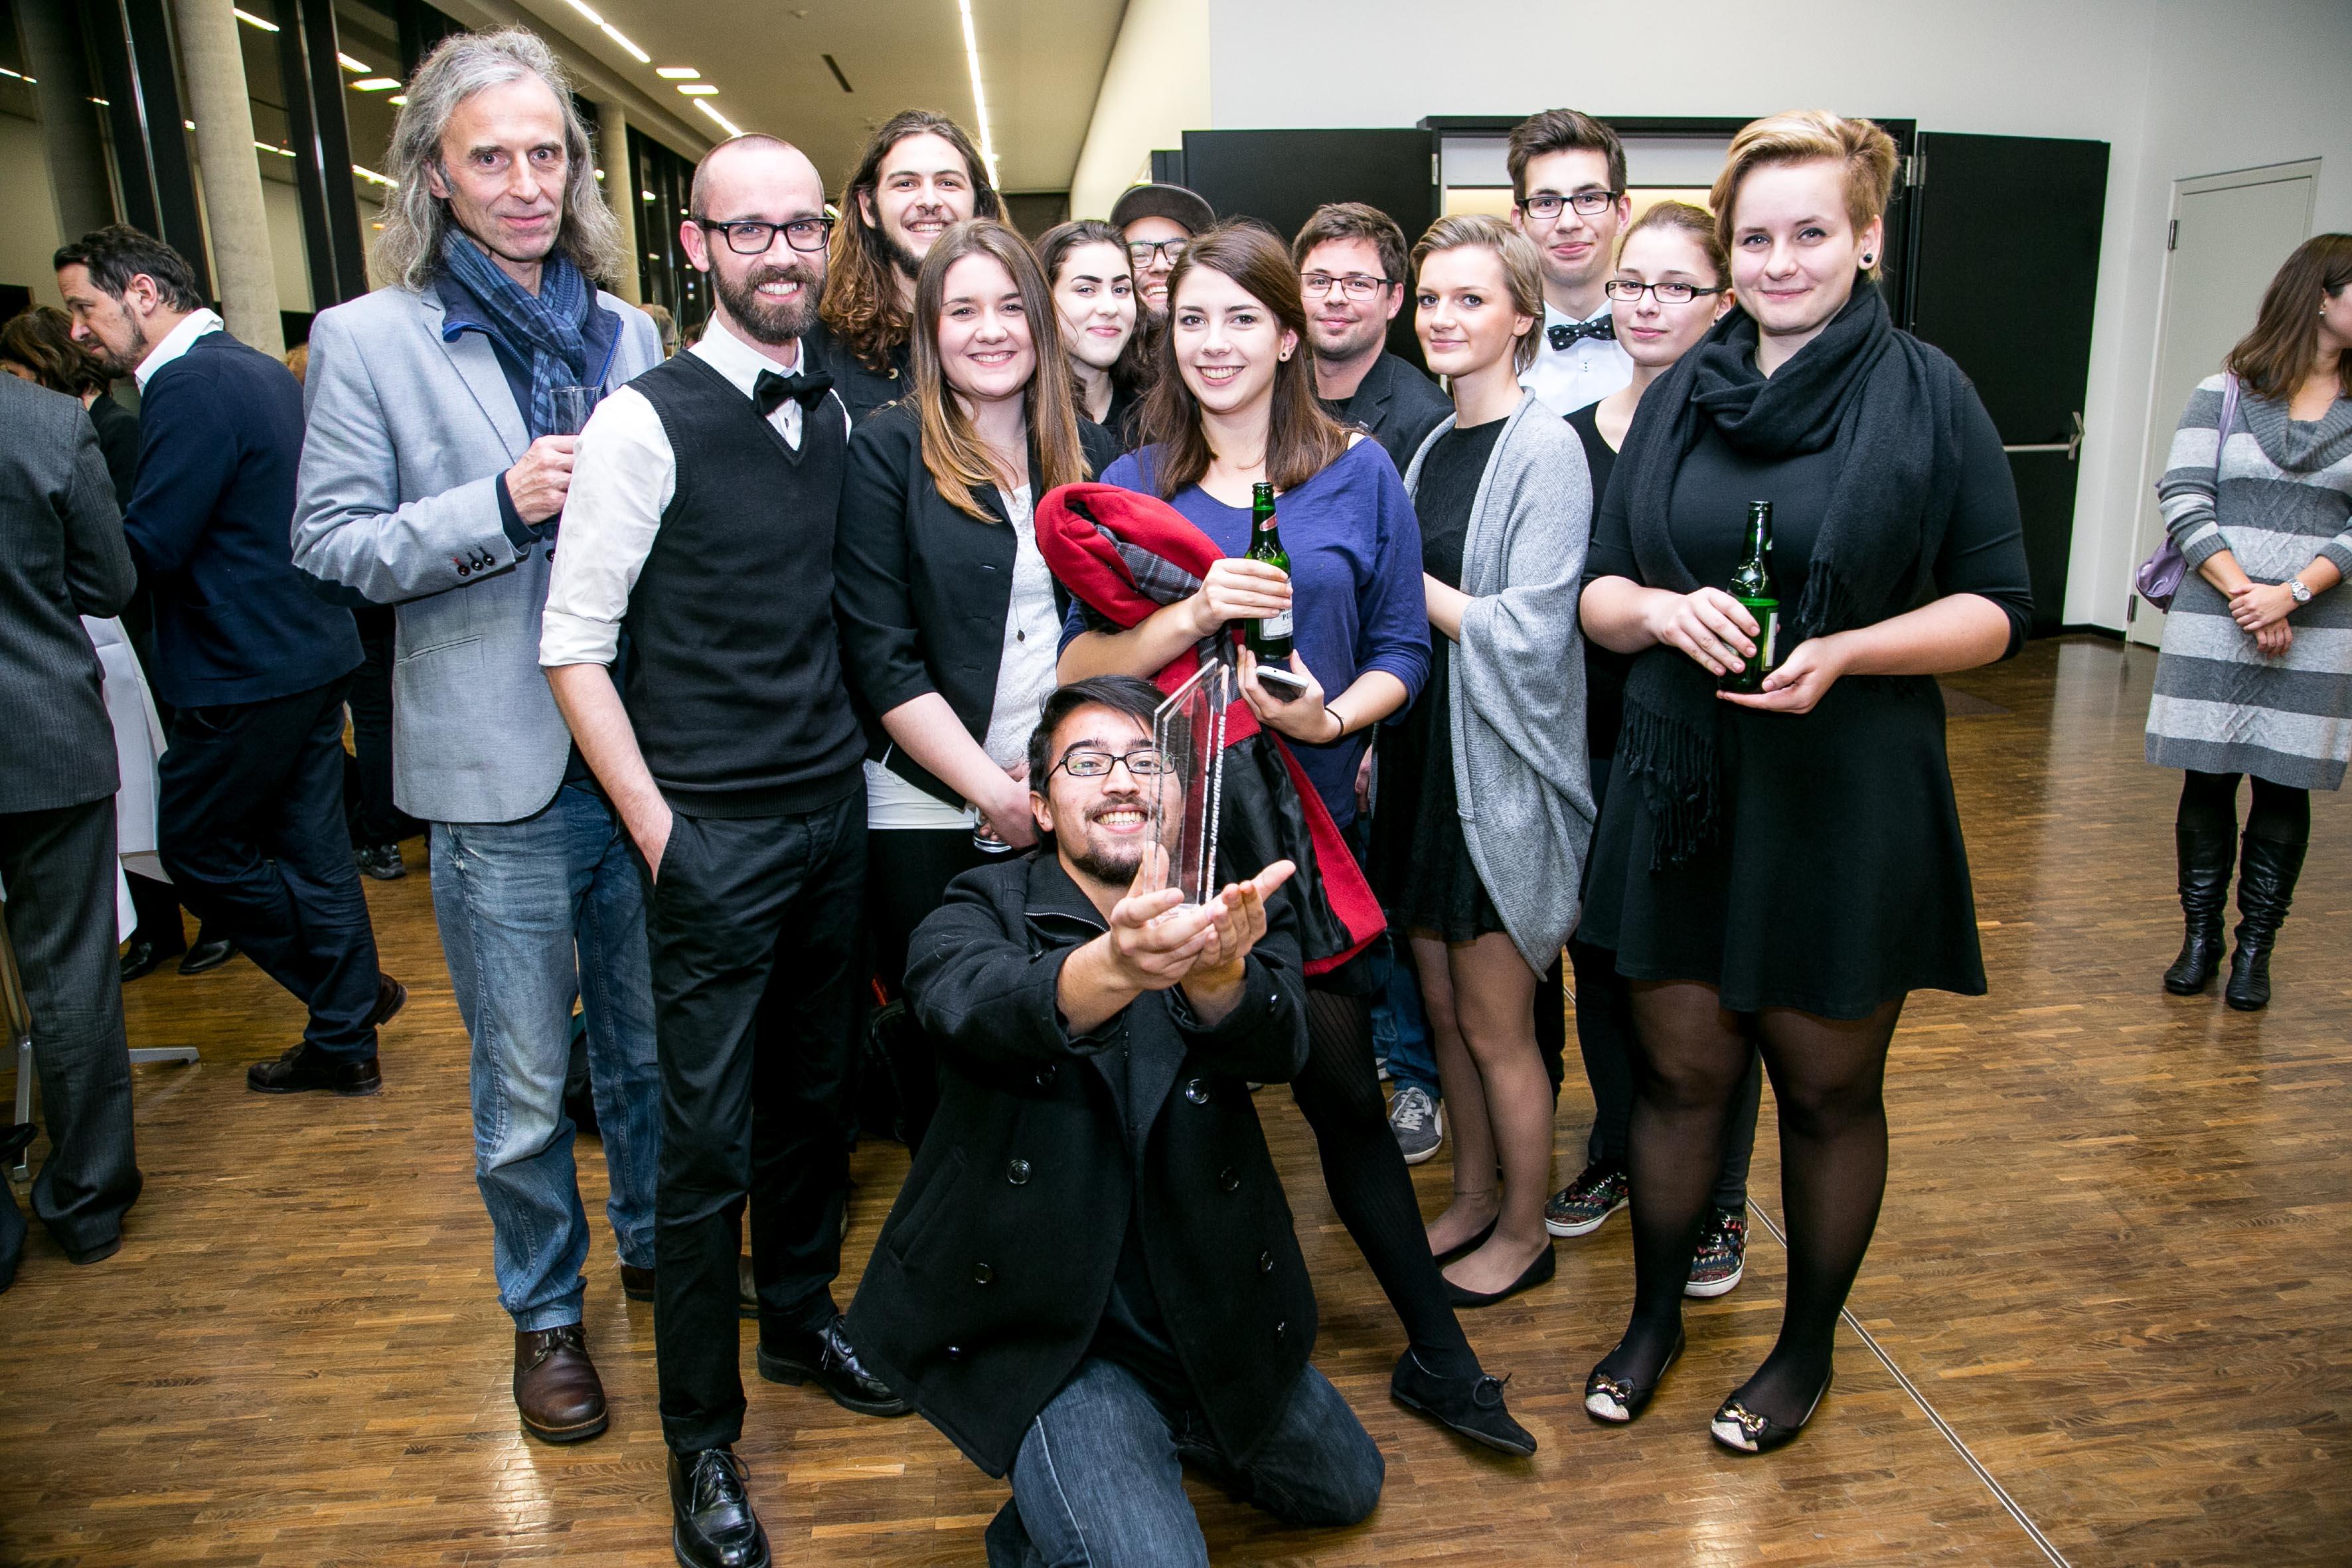 Kulturfondspreise der Stadt Salzburg 2014, Salzburg, 20140112, (C) Foto: InfoZ/Wildbild